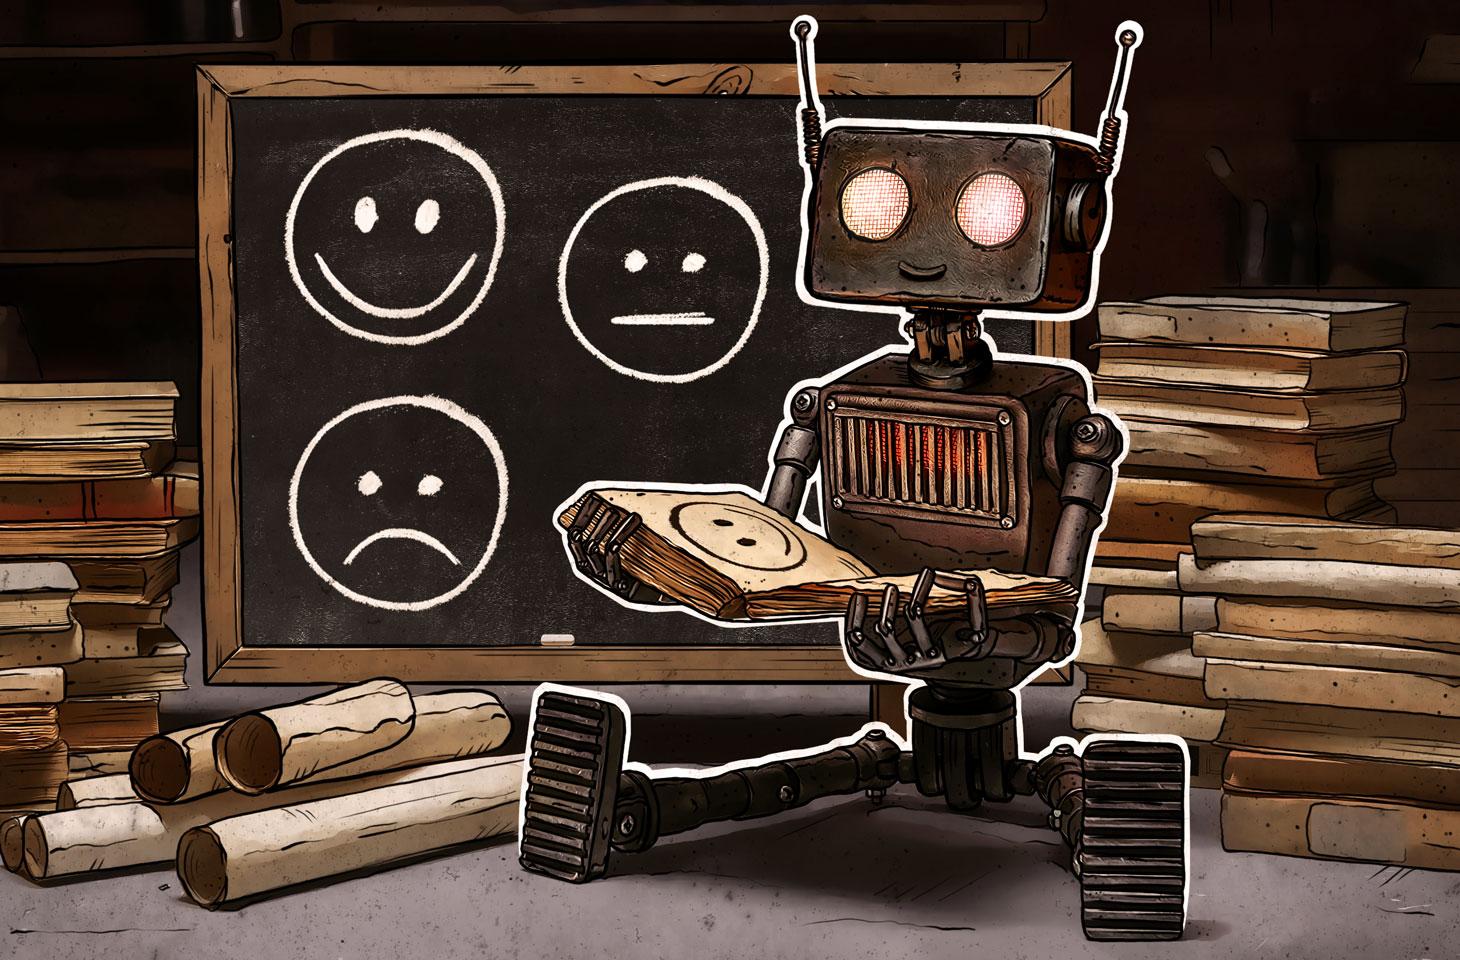 理智与情感:我们真的希望人工智能懂得情感吗?